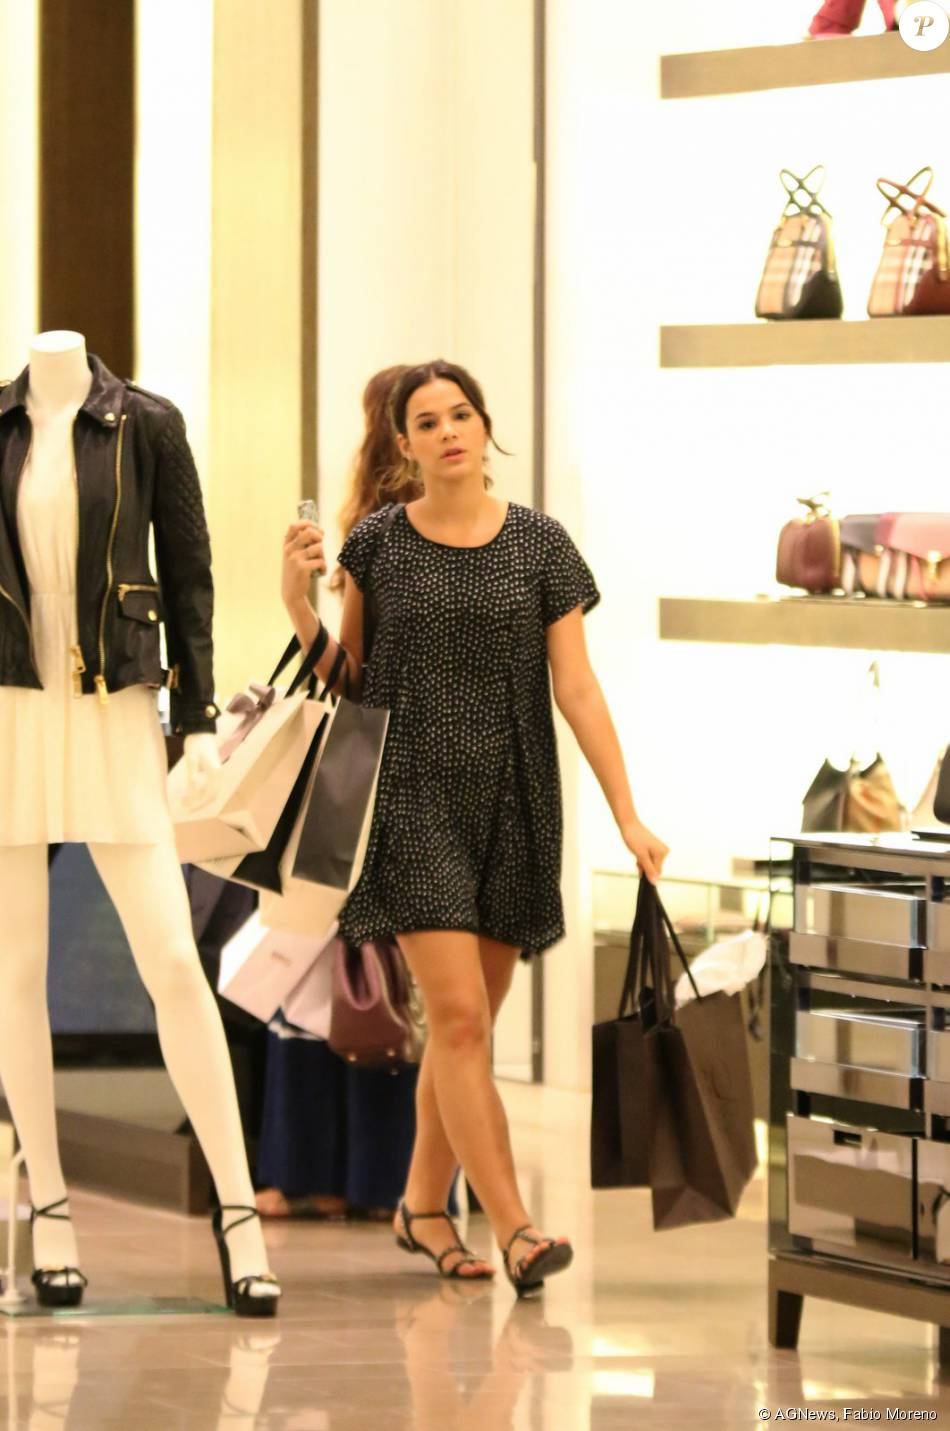 210115213a2 Bruna Marquezine vai às compras e tira fotos com crianças em ...